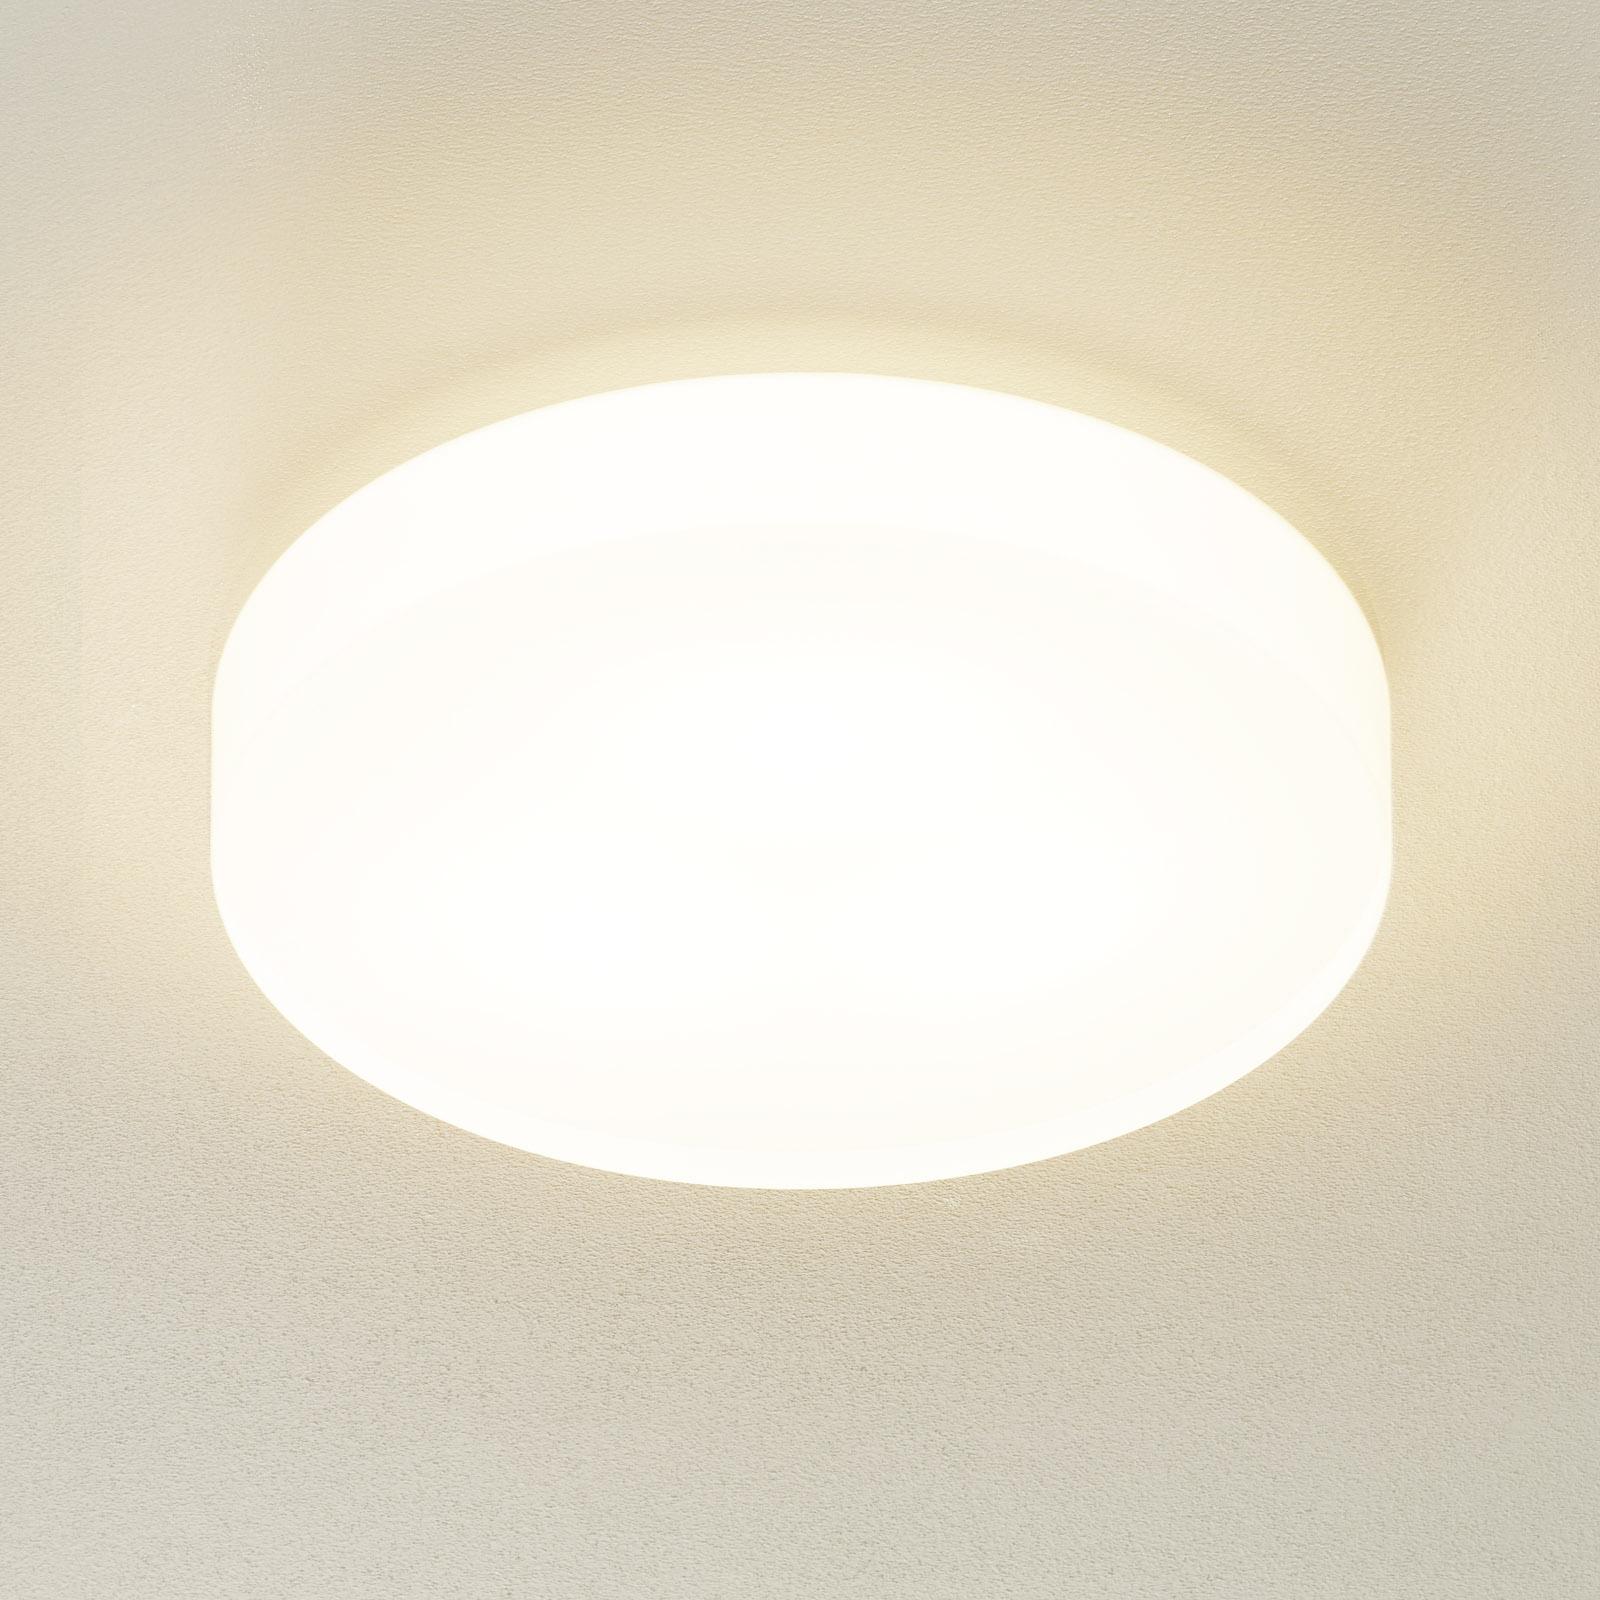 BEGA 89766 lampa sufitowa LED 3000K E27 Ø 47cm